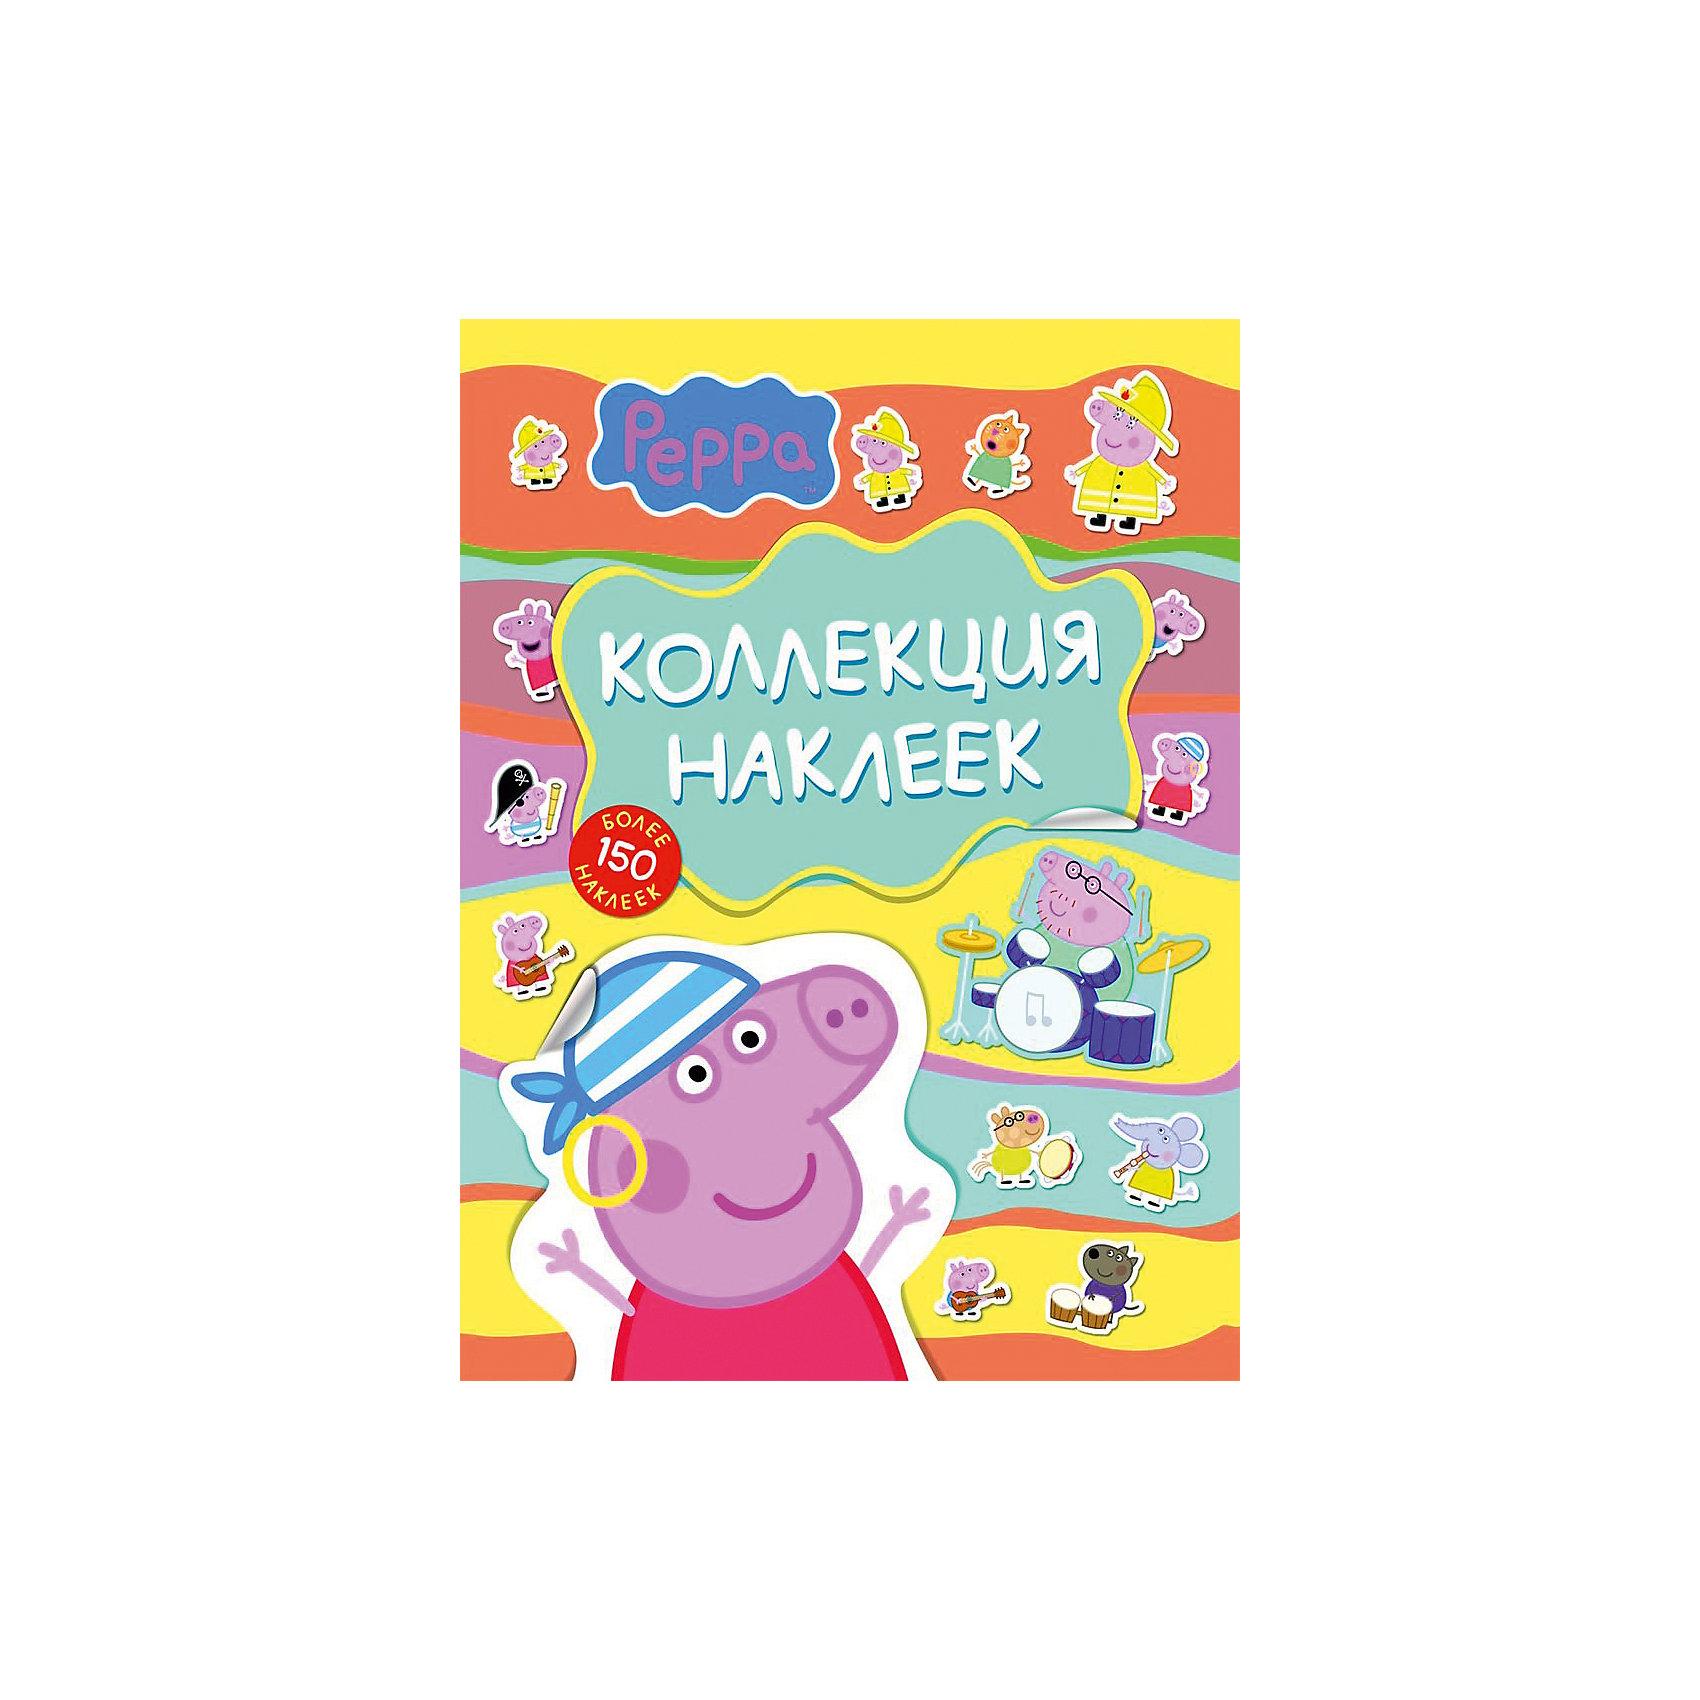 Коллекция наклеек Свинка Пеппа (голубая)Альбом Свинка Пеппа - это целая коллекция чудесных наклеек.&#13;<br>Очаровательная Пеппа, ее семья и друзья подарят радость вашему ребенку!&#13;<br>Украшайте наклейками тетради, анкеты, открытки, подарки и комнату вашего малыша.<br><br>Ширина мм: 275<br>Глубина мм: 200<br>Высота мм: 3<br>Вес г: 60<br>Возраст от месяцев: 36<br>Возраст до месяцев: 84<br>Пол: Унисекс<br>Возраст: Детский<br>SKU: 4172375